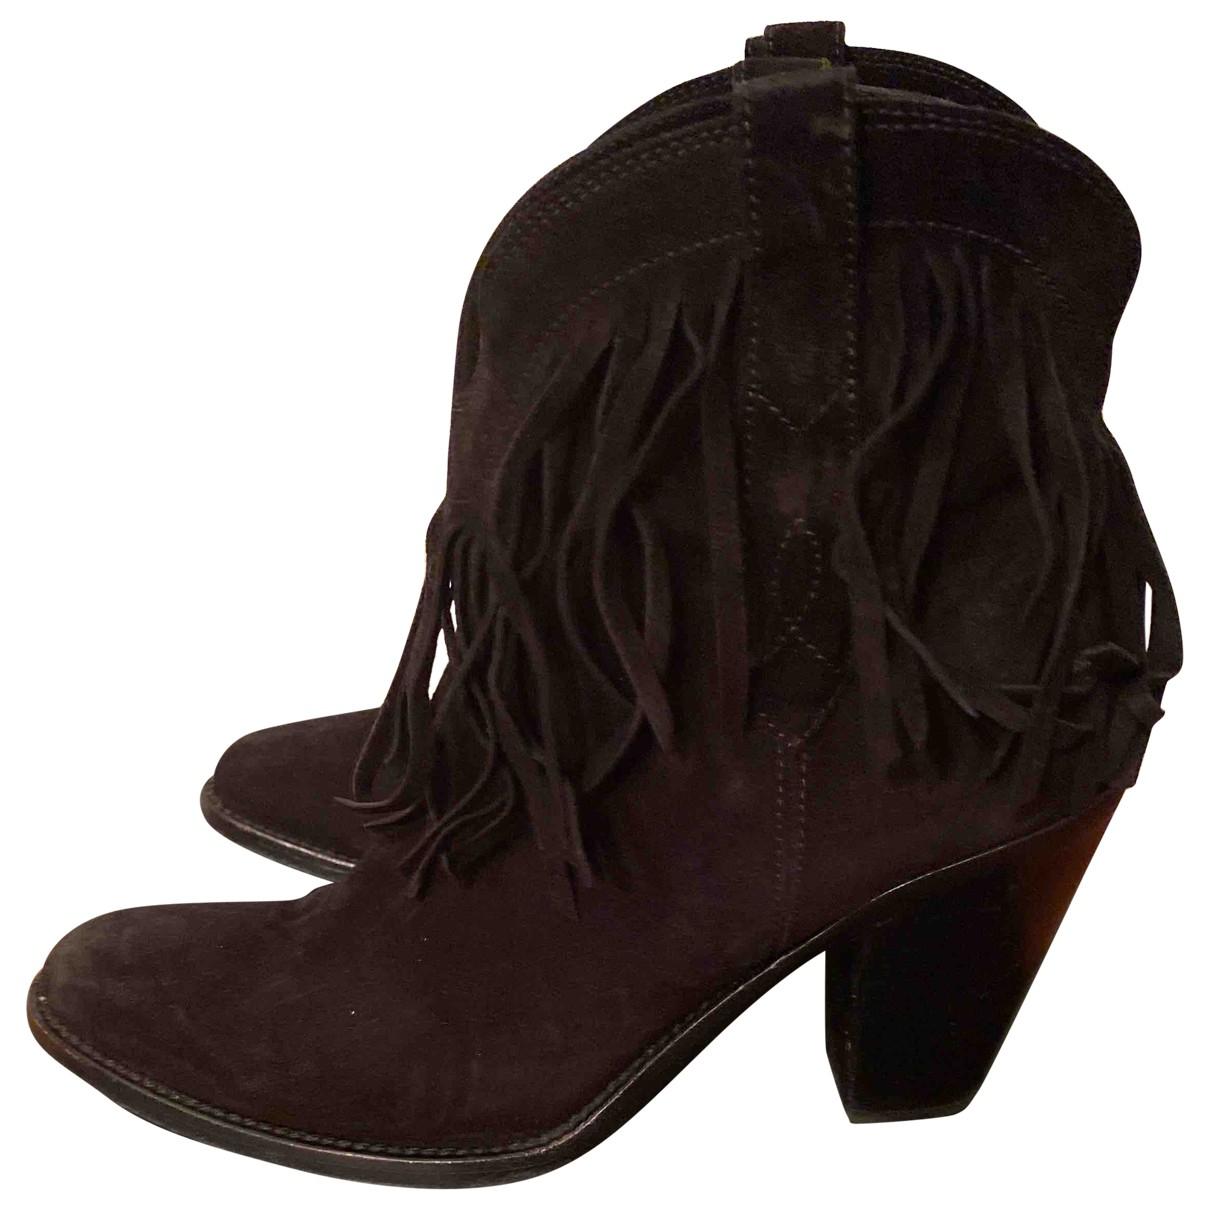 Saint Laurent N Black Suede Ankle boots for Women 38 EU